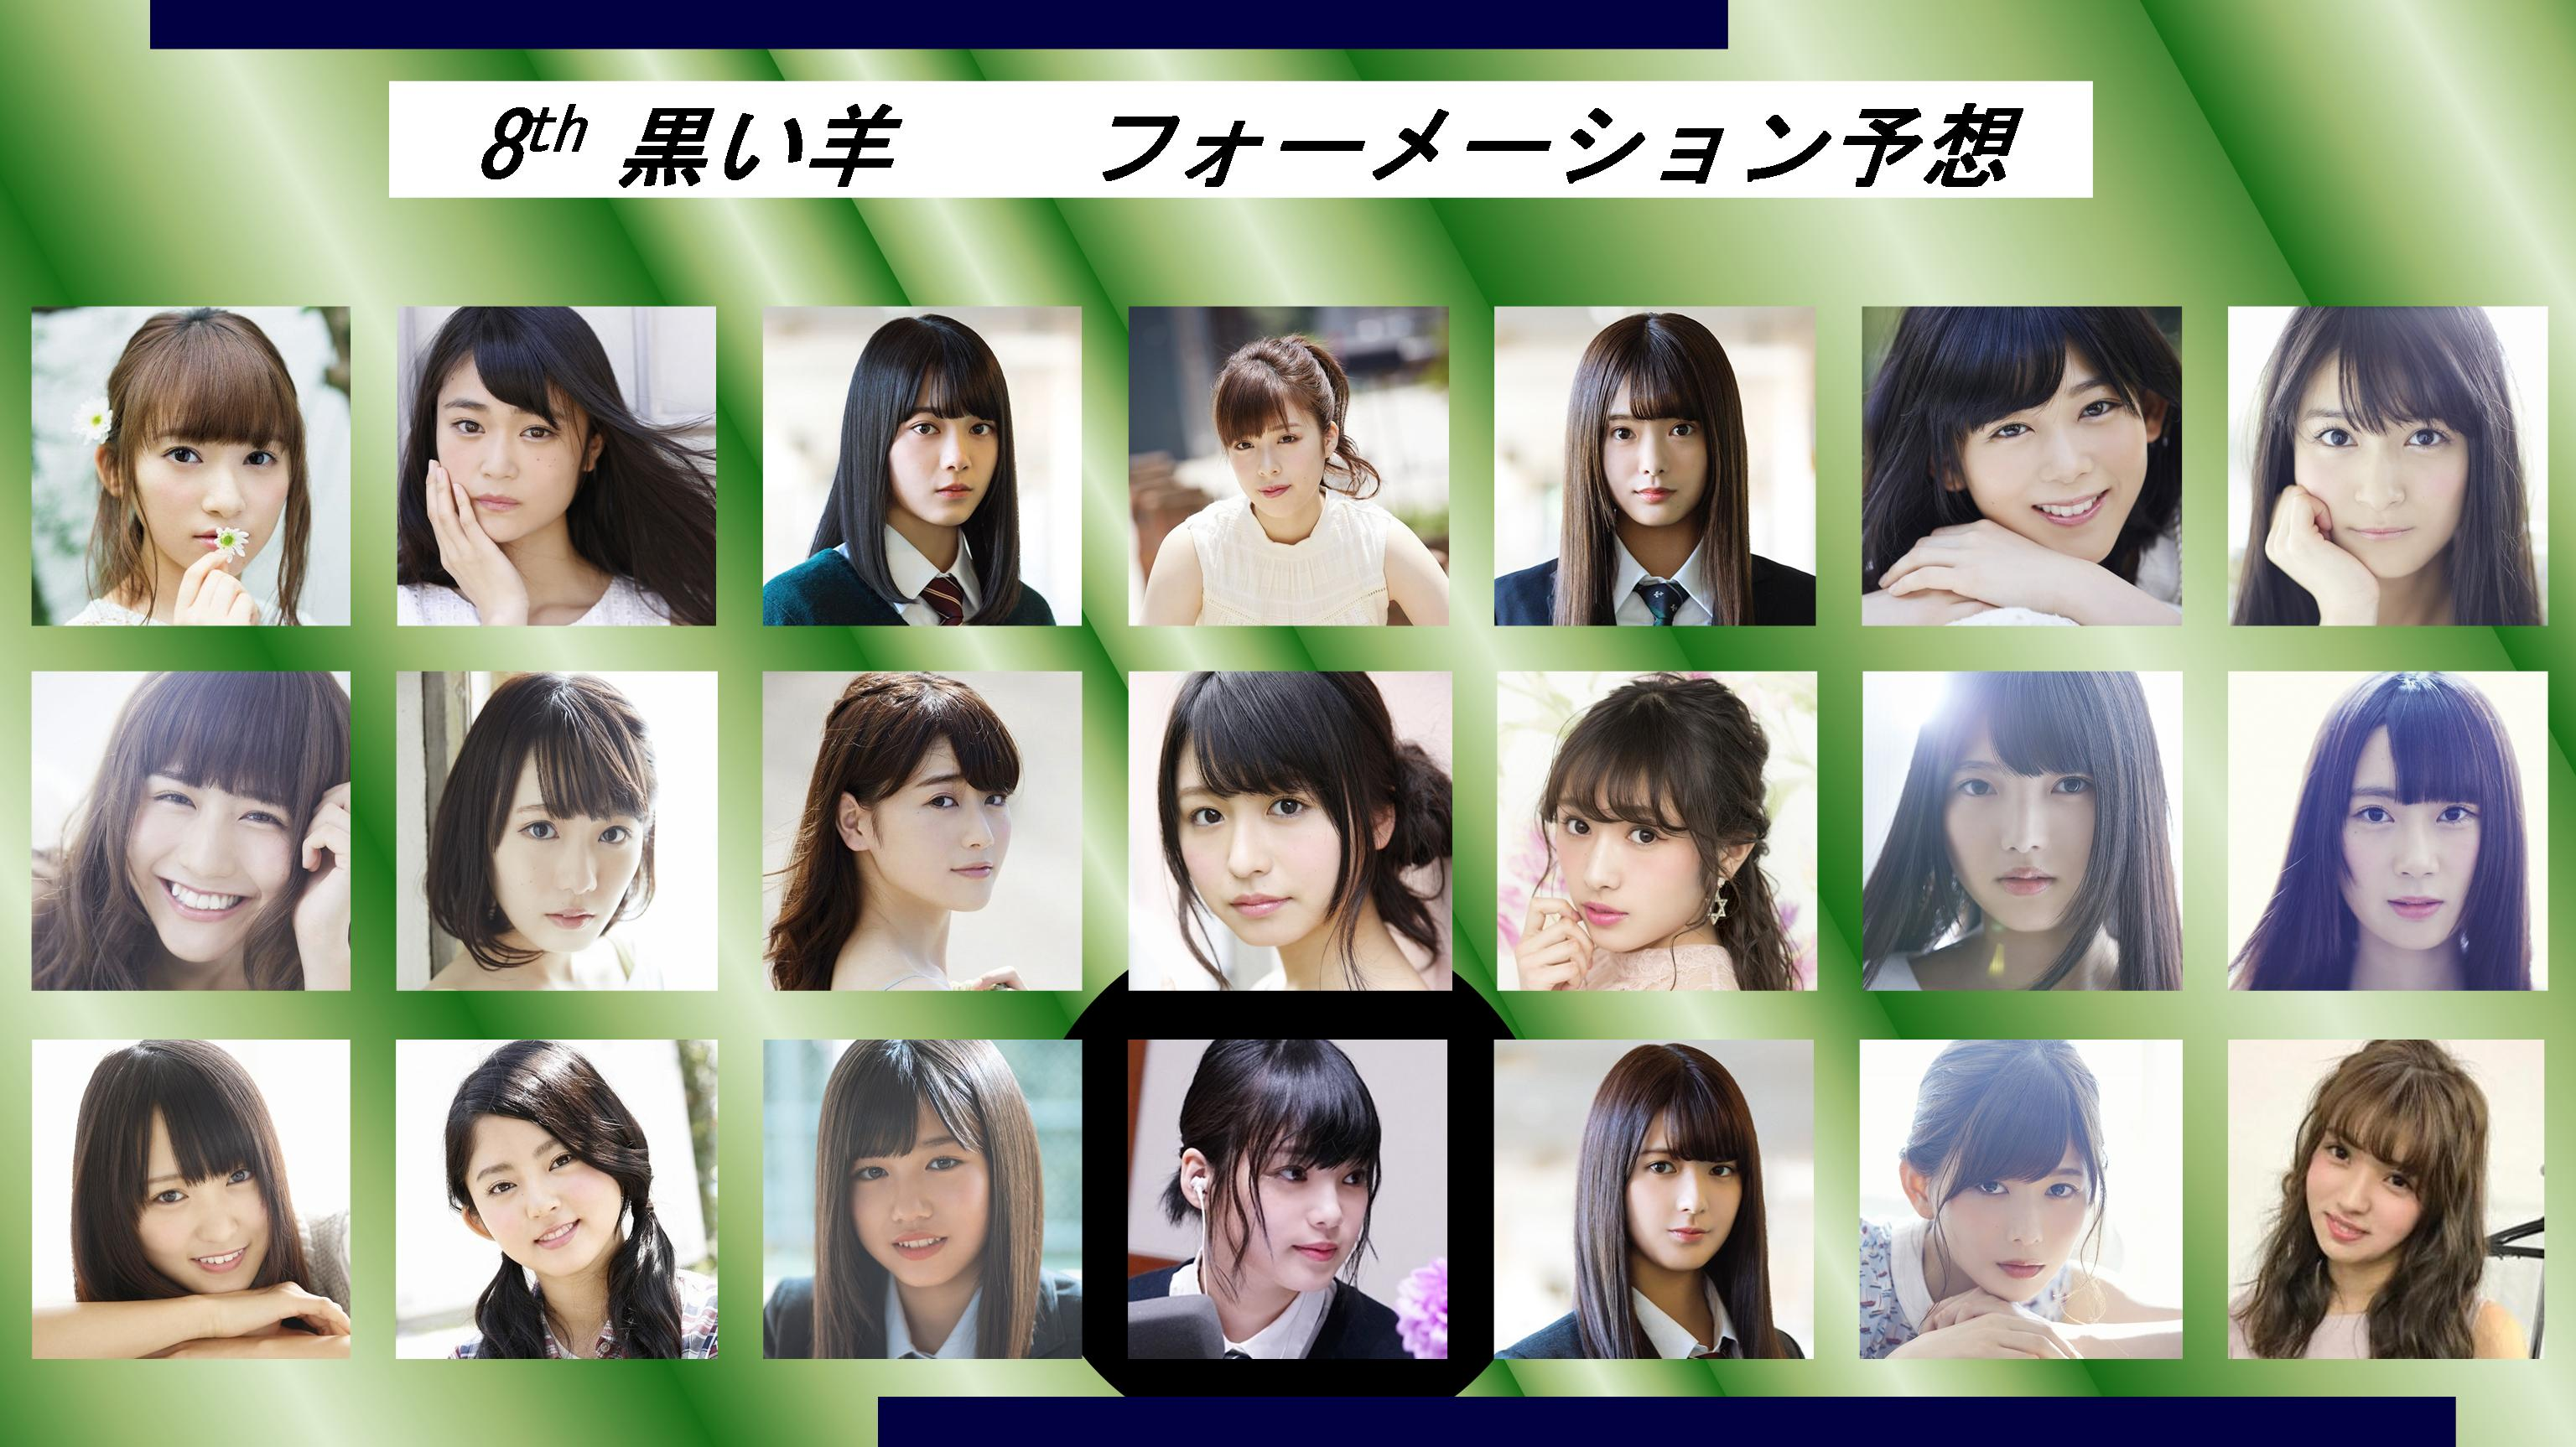 欅 坂 46 9 枚 目 シングル